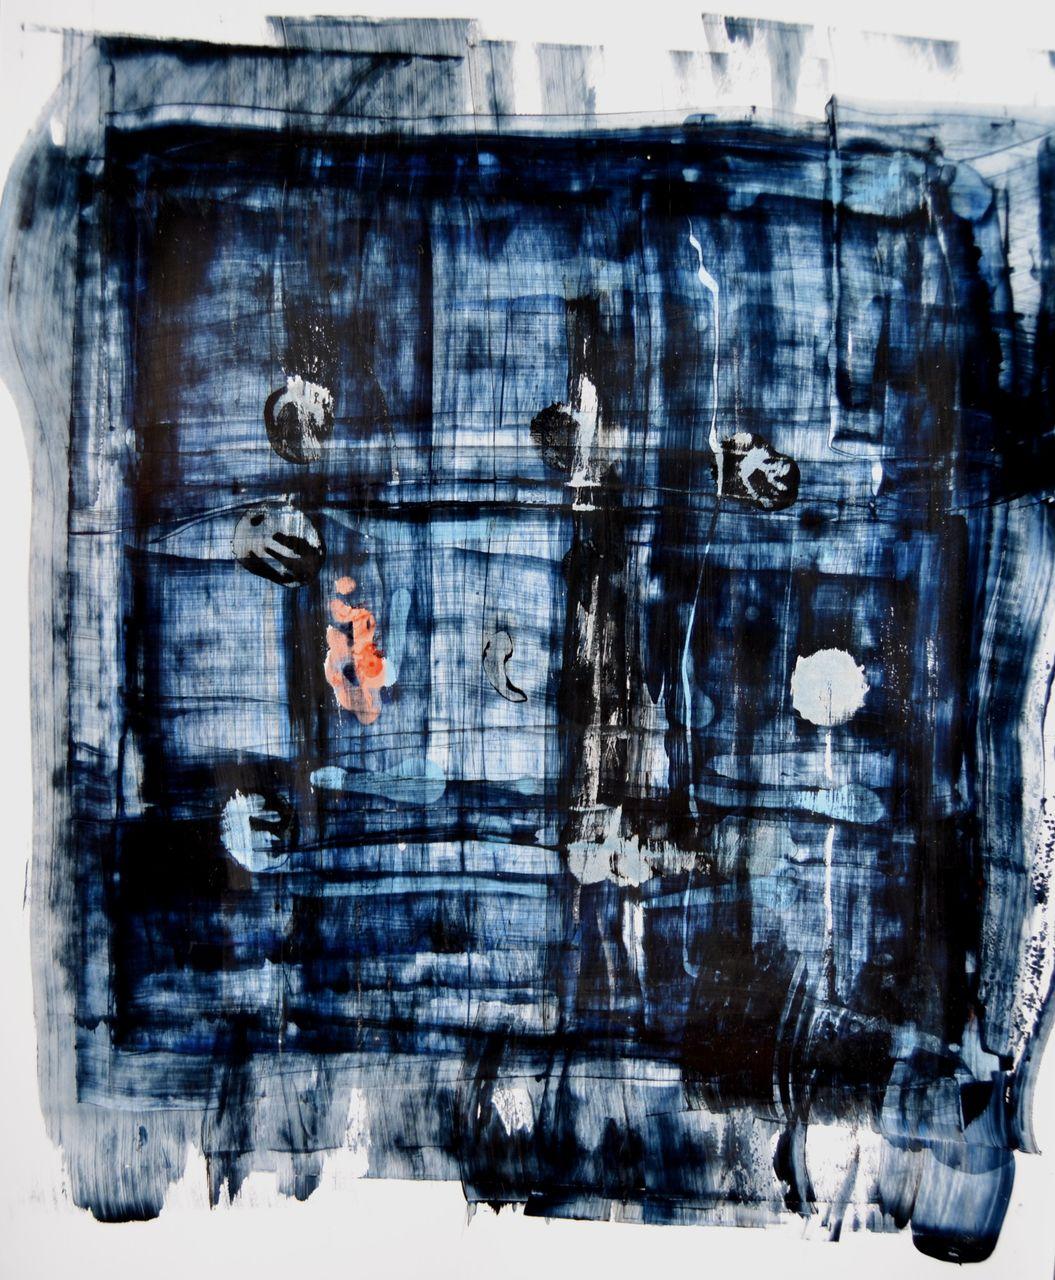 Elisabeth Mounic N 370 Série Fenêtre sur ...III